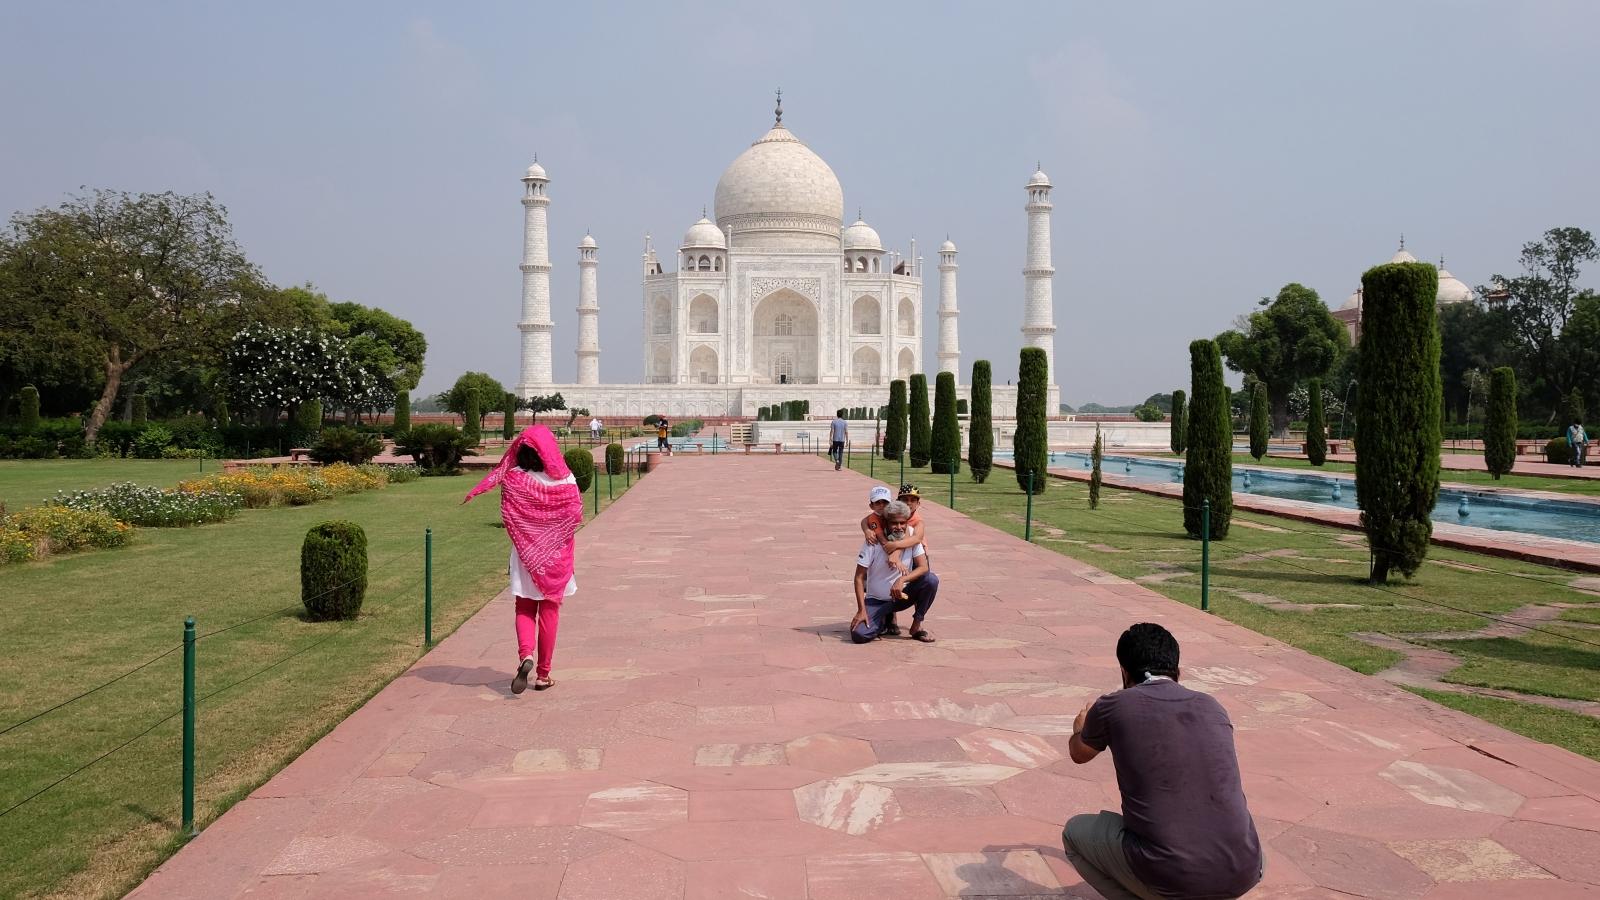 Ấn Độ sẽ sớm cấp lại visa du lịch điện tử và visa chữa bệnh